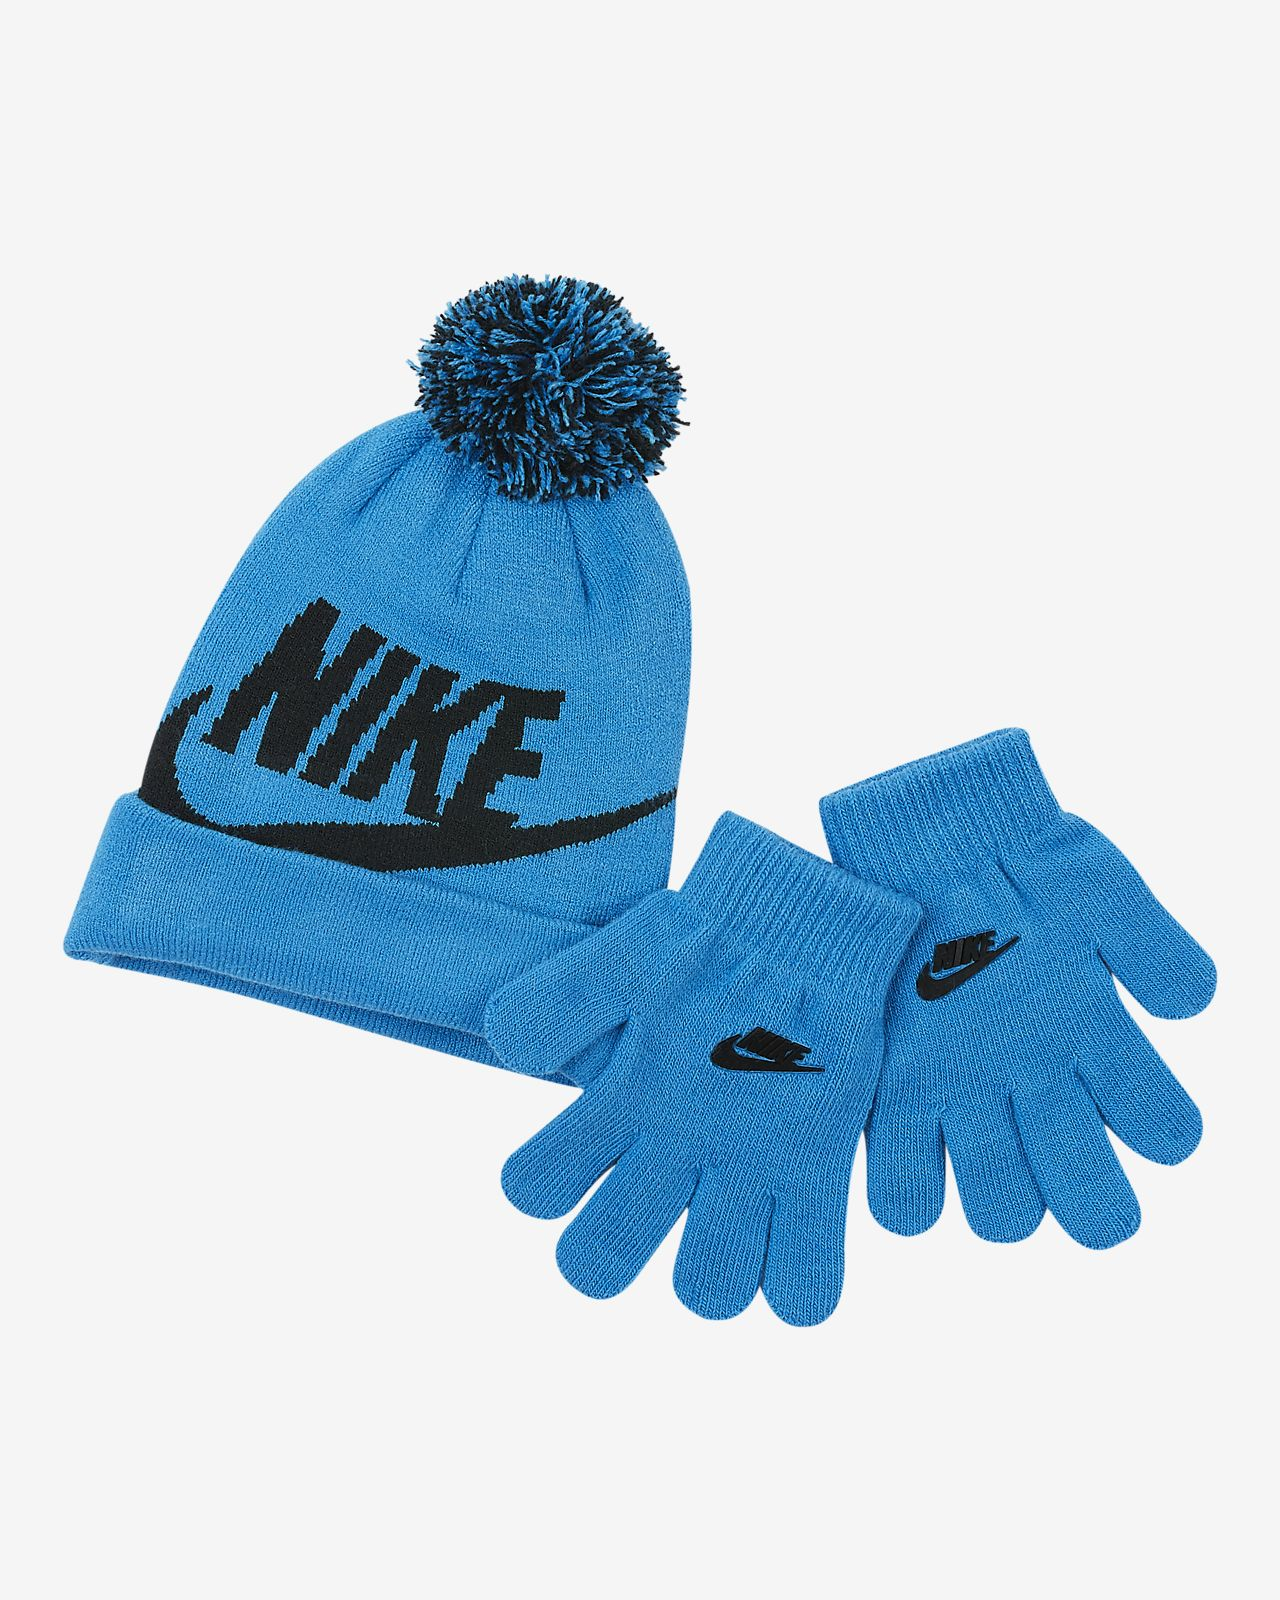 Nike Little Kids  2-Piece Beanie and Gloves Set. Nike.com 80ebce9fe93